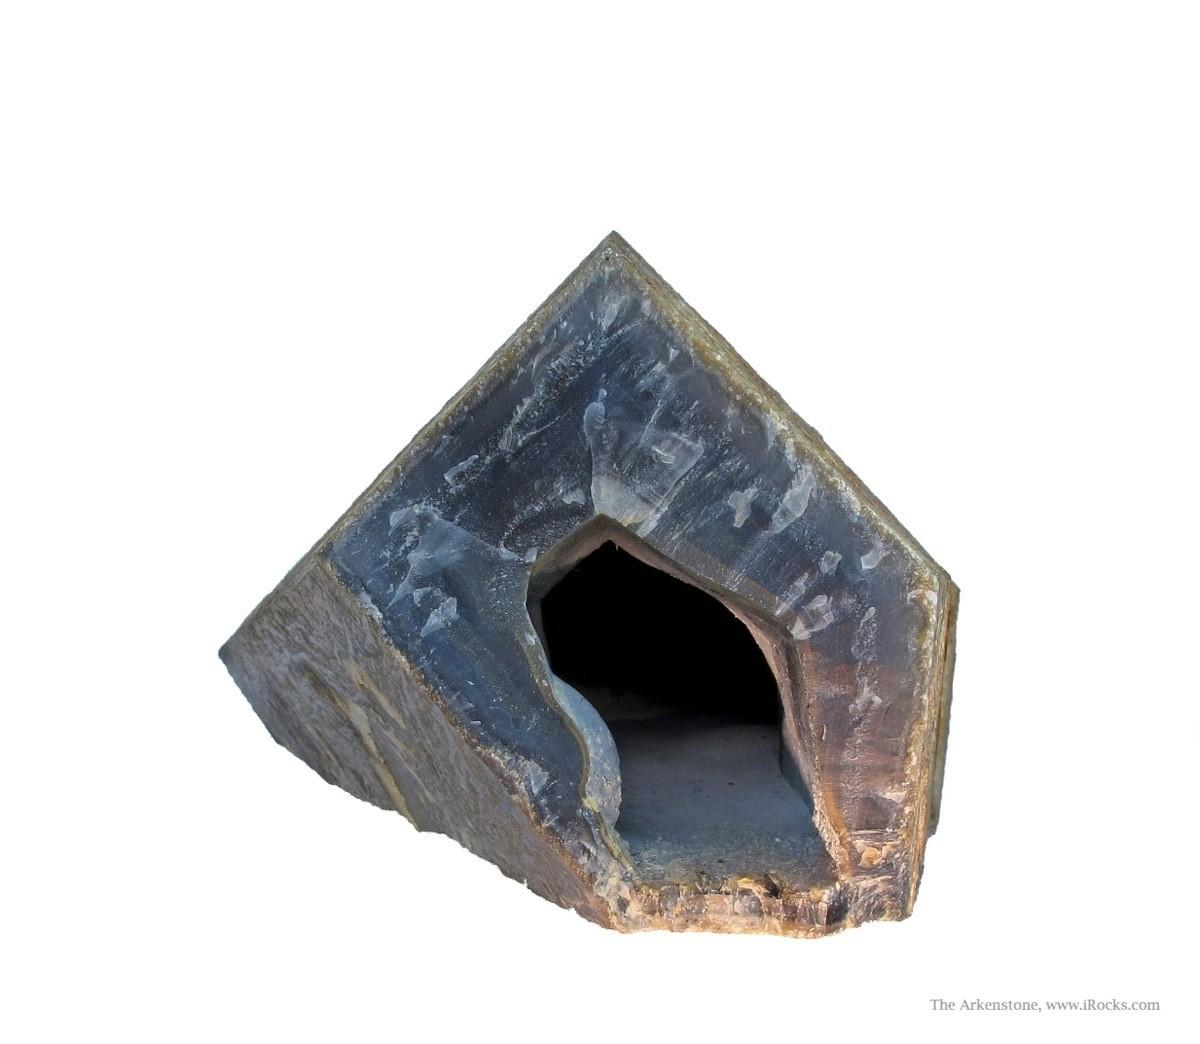 soreg14a18a-art-soregaroli-fine-minerals